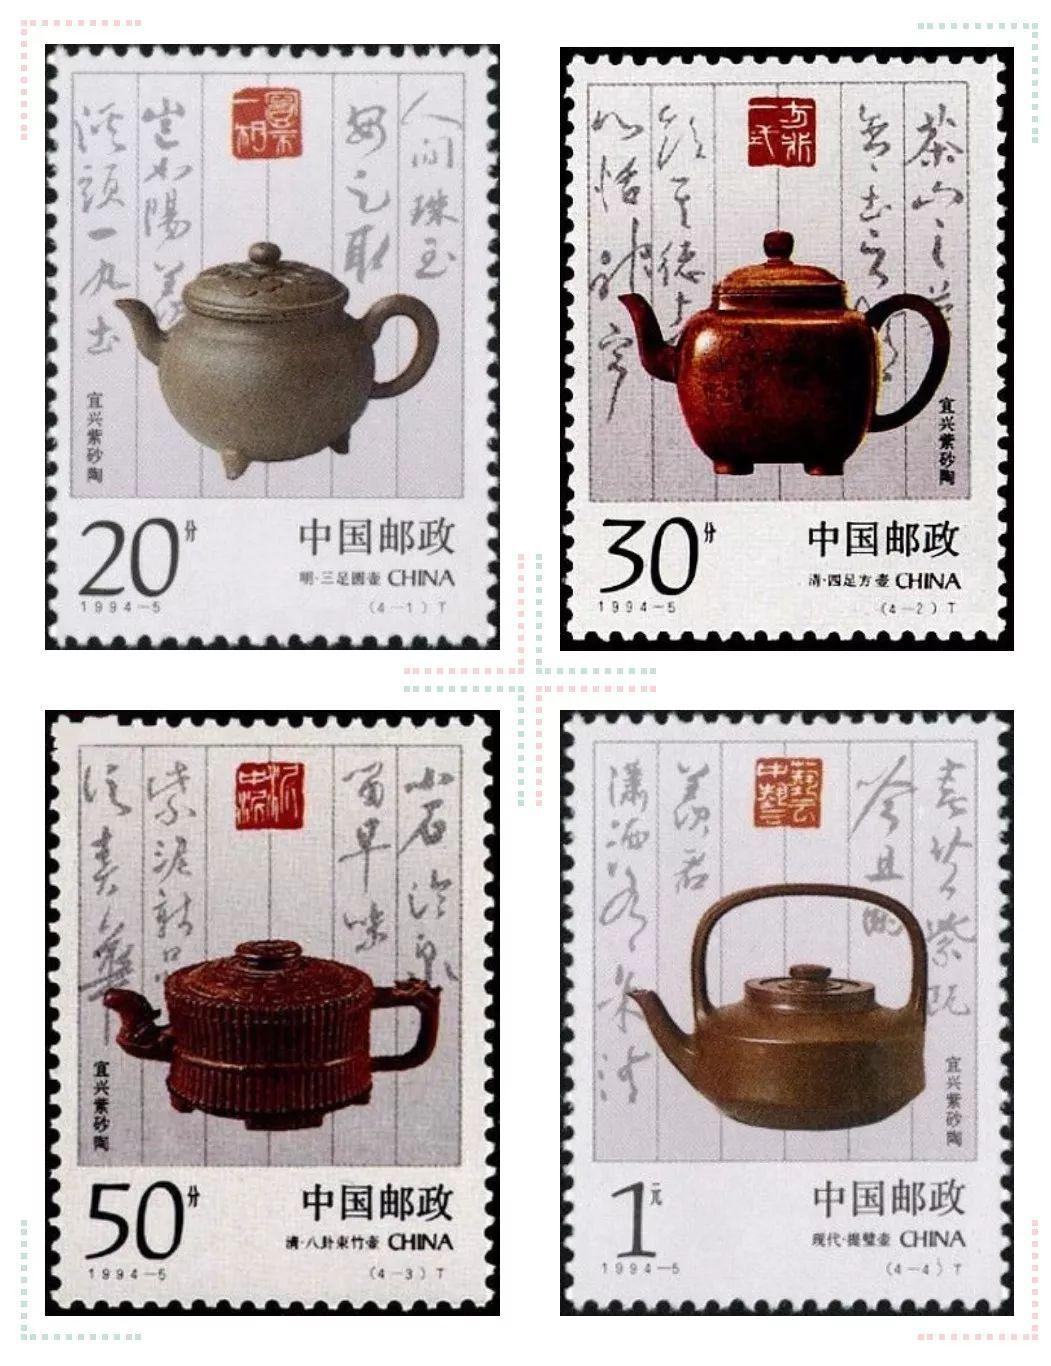 《中葡建交四十周年》纪念邮票将在正月初四宜兴原地首发